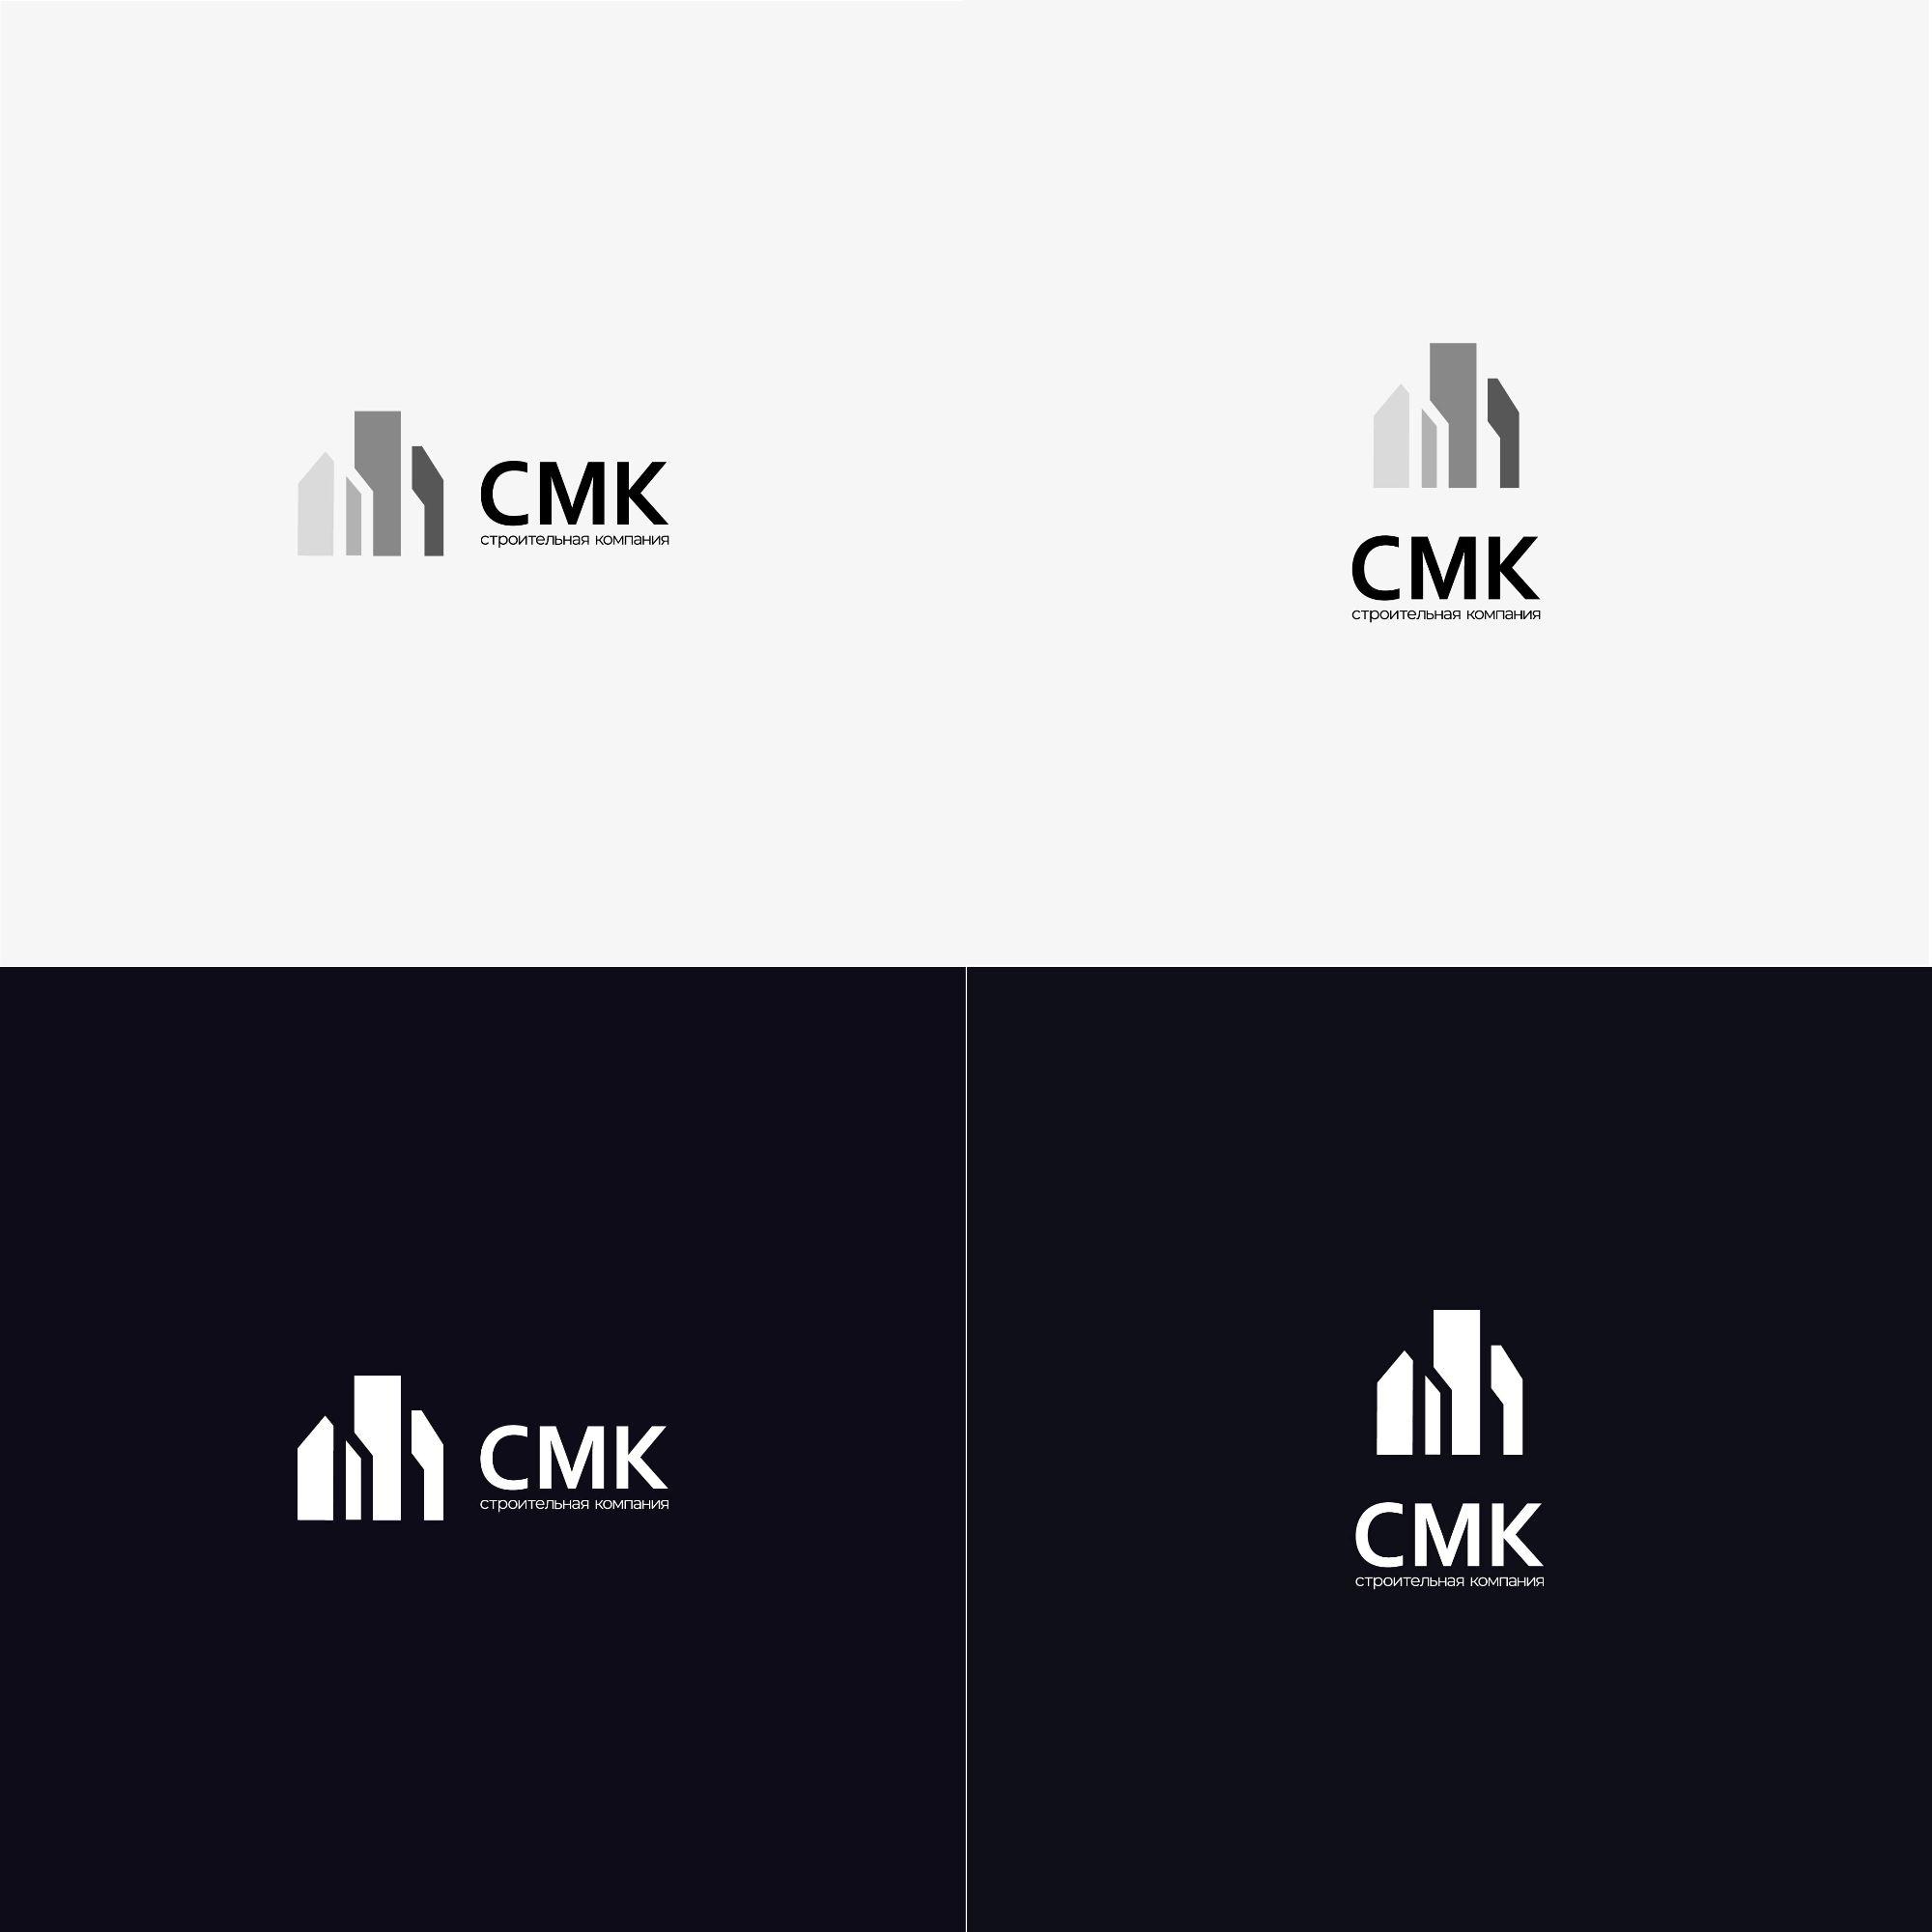 Разработка логотипа компании фото f_4685dc85a9482ca4.jpg